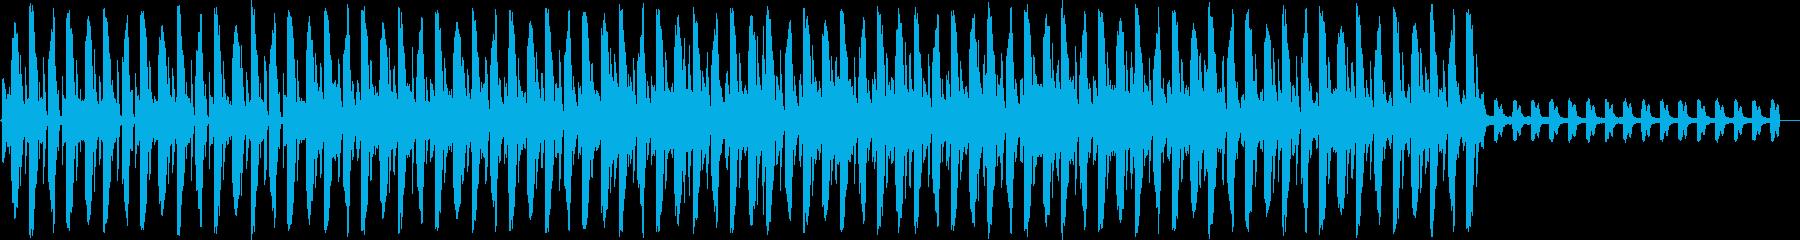 アフリカ風。ニューディスコの再生済みの波形